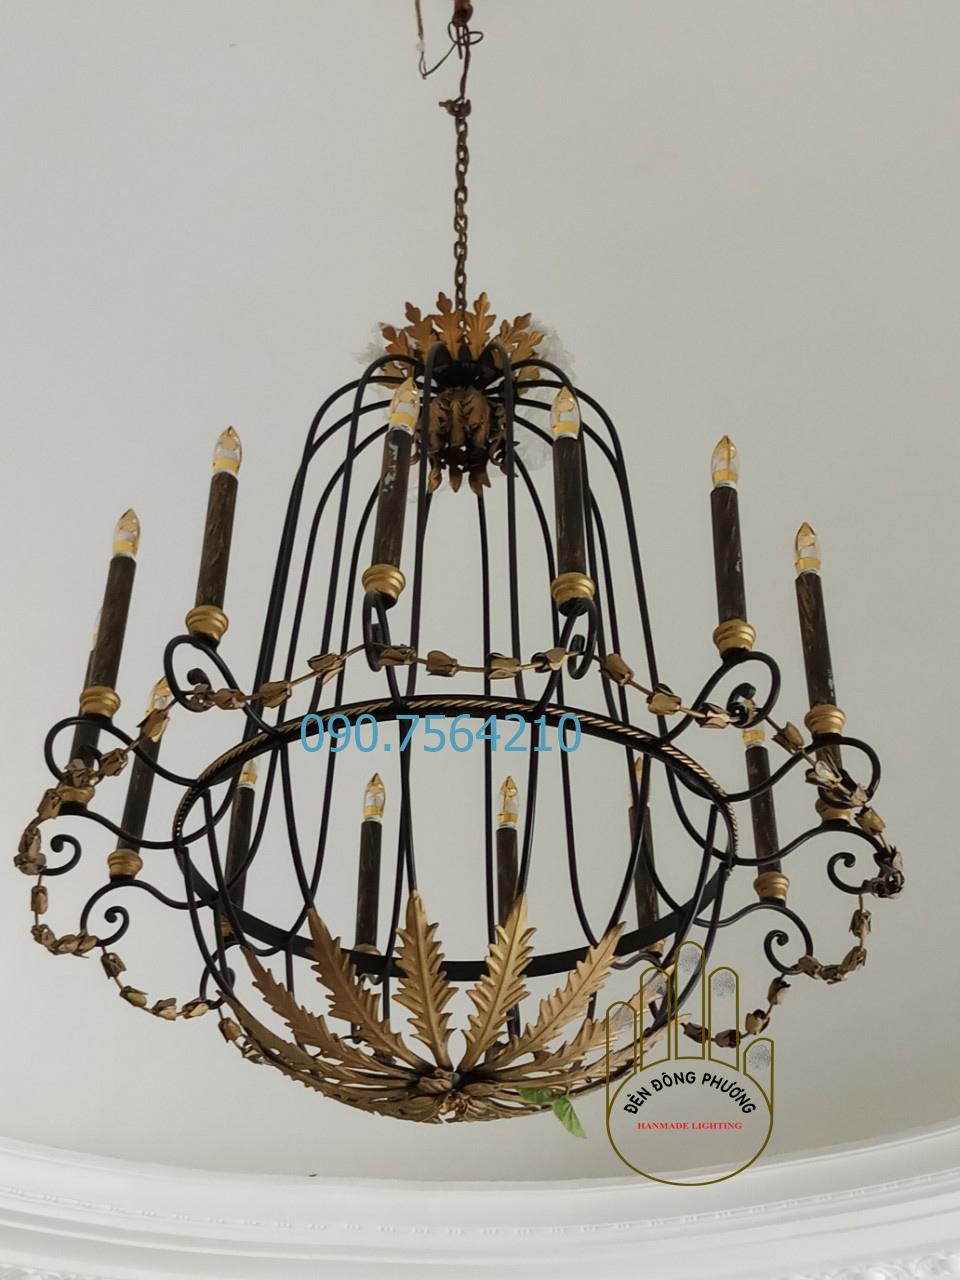 đèn chùm sắt nhiều ngọn nến nhà hàng tiệc cưới 1126